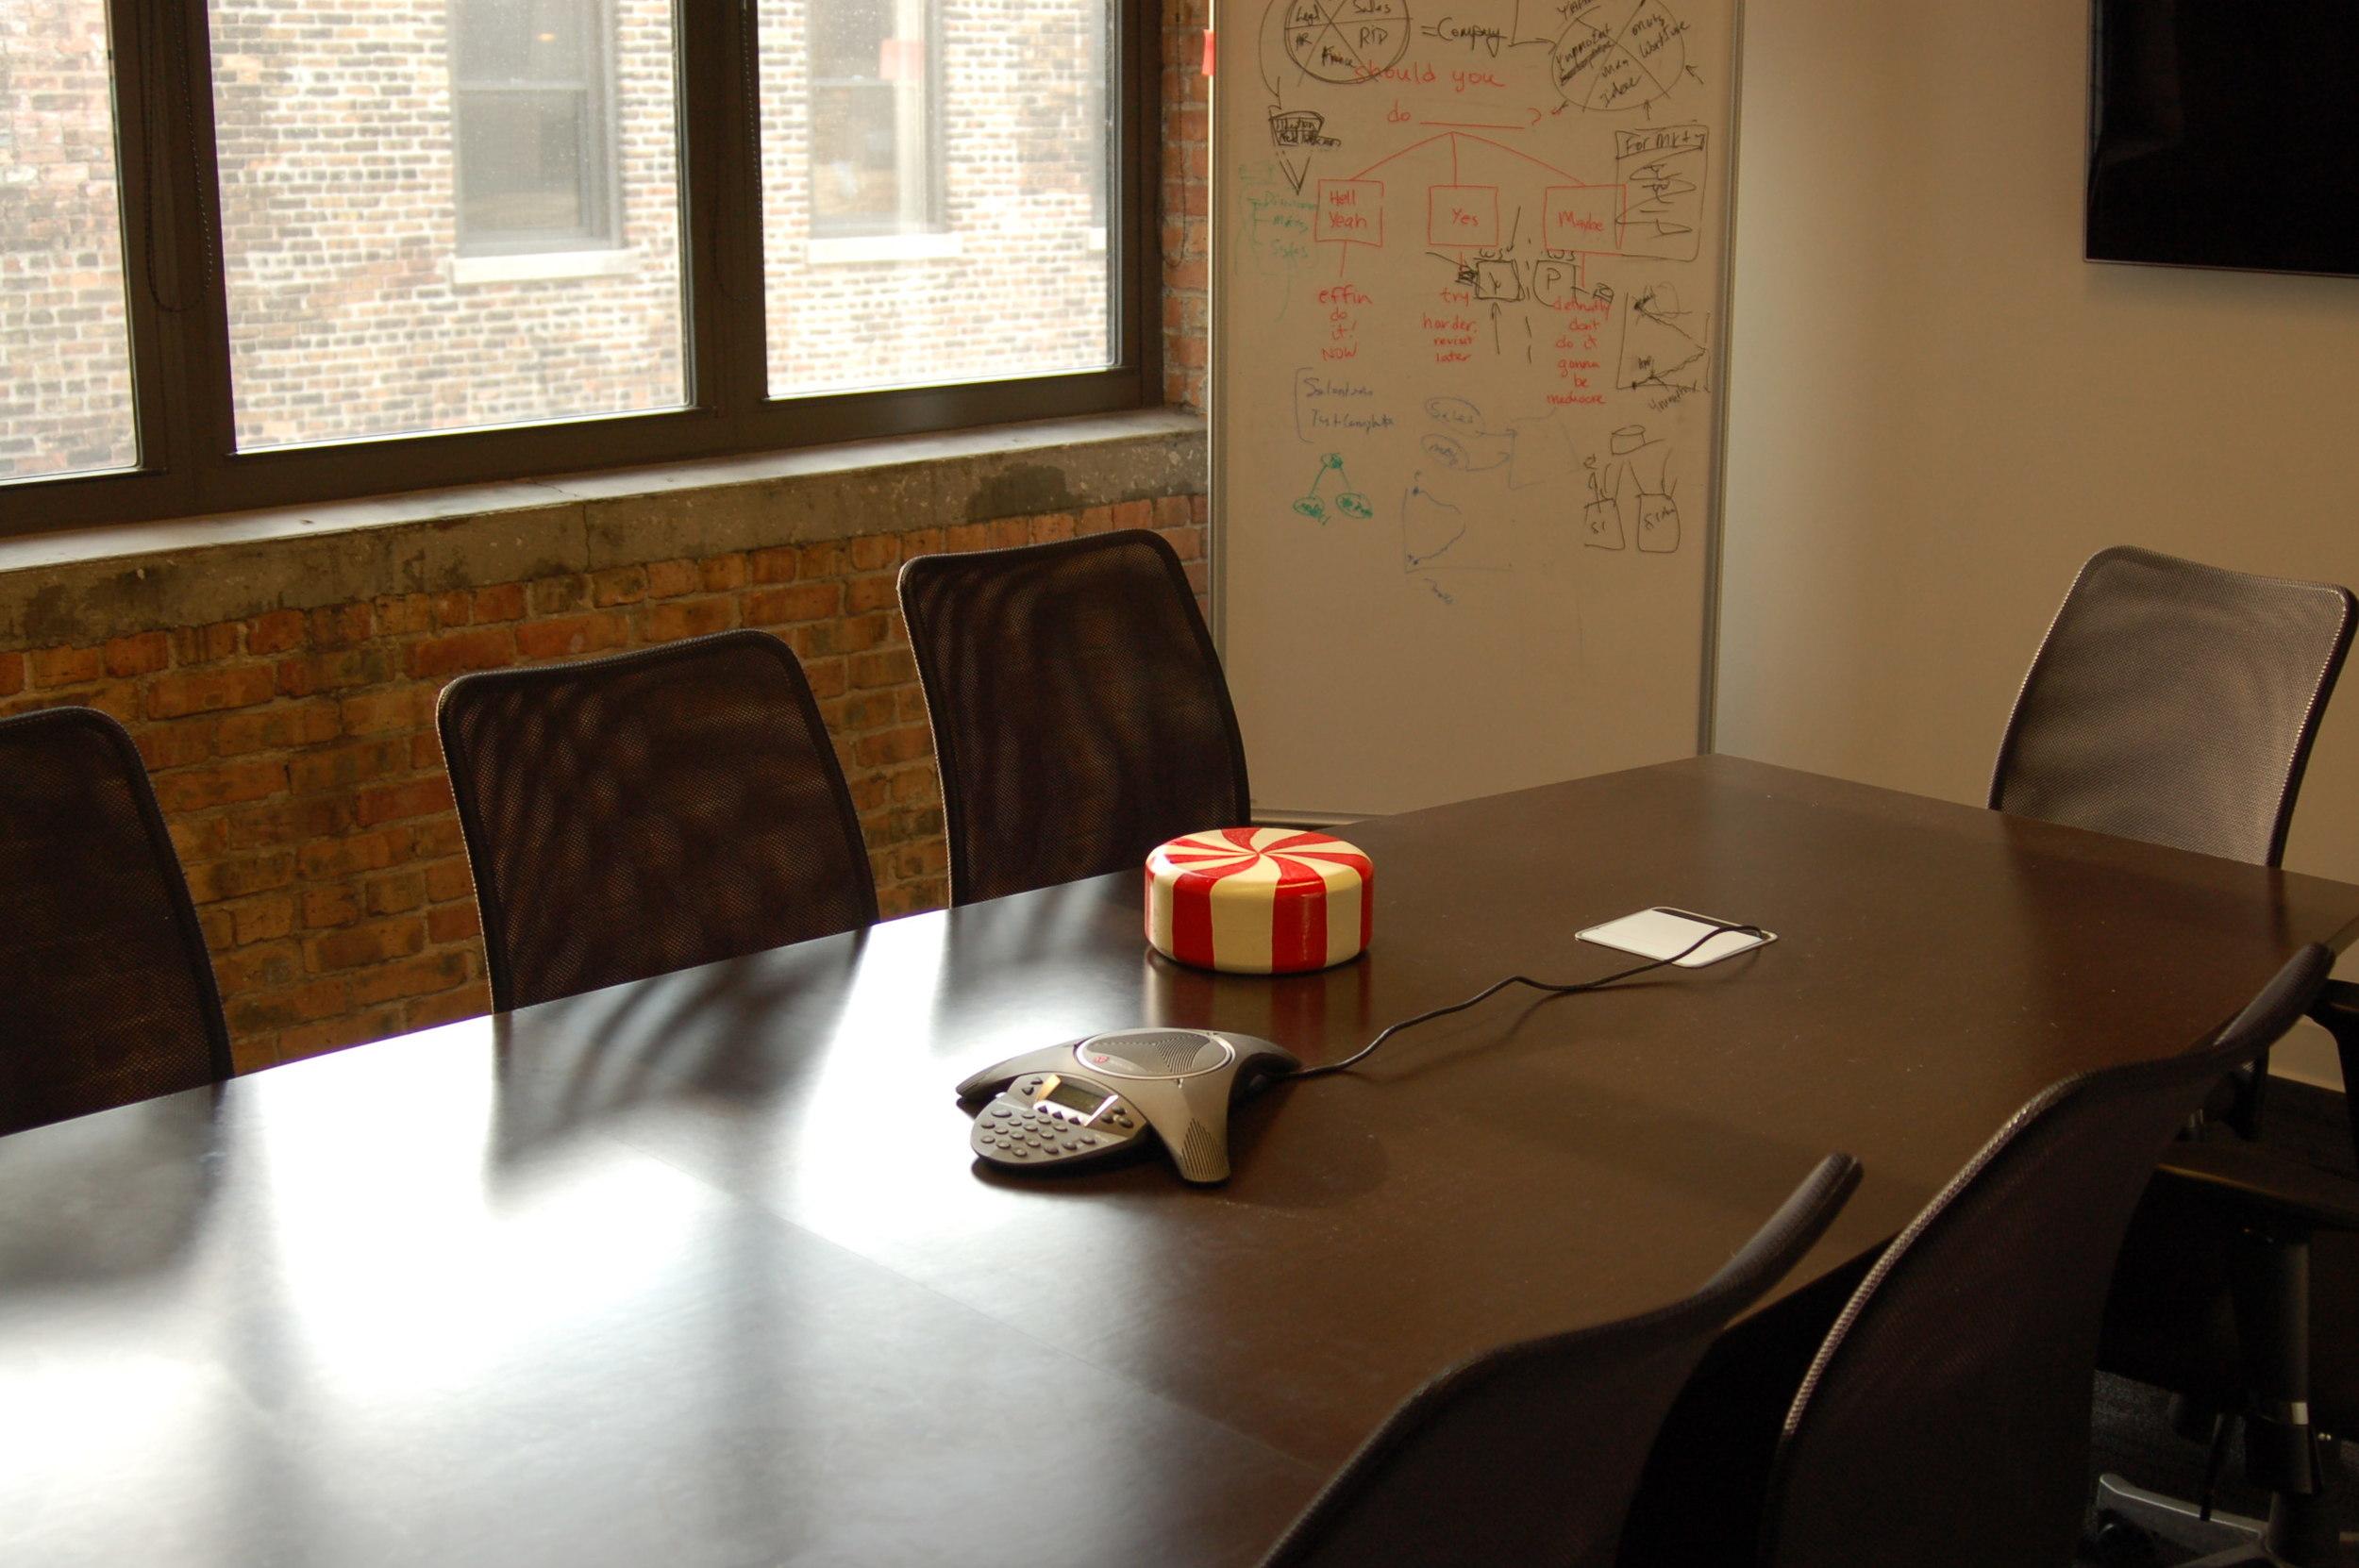 Social Media Company Conference Room